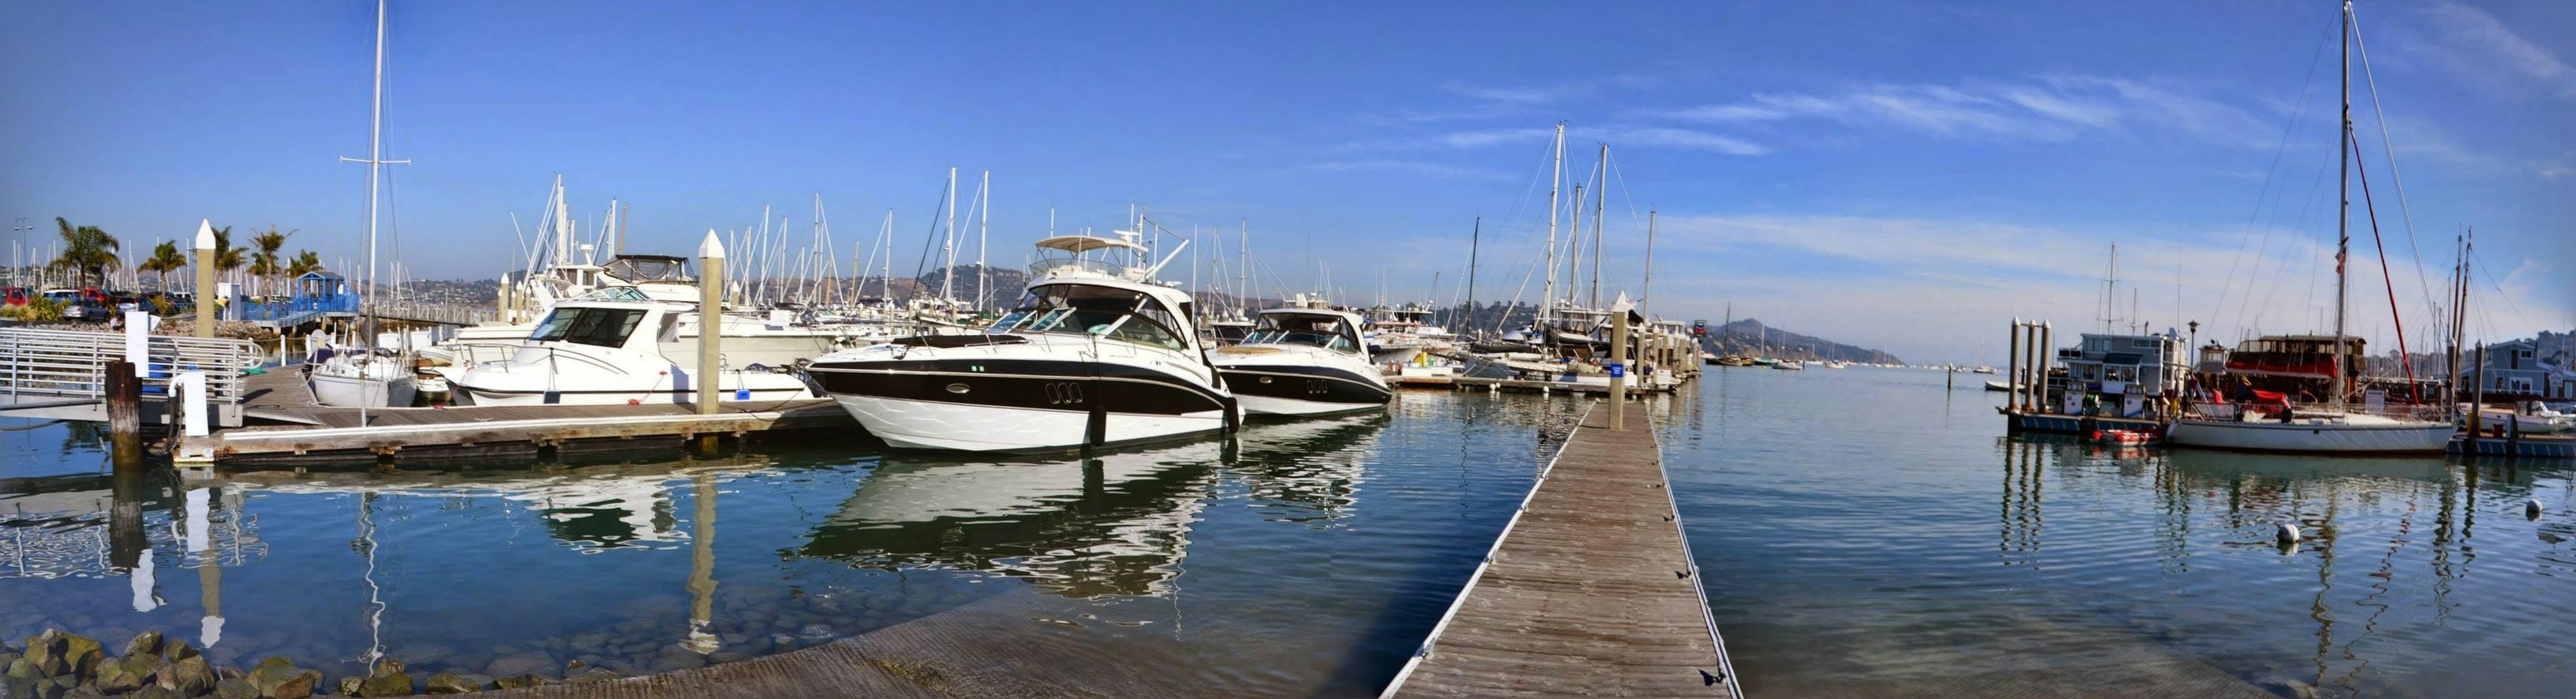 Free stock photo of boat, boat deck, dock, marina